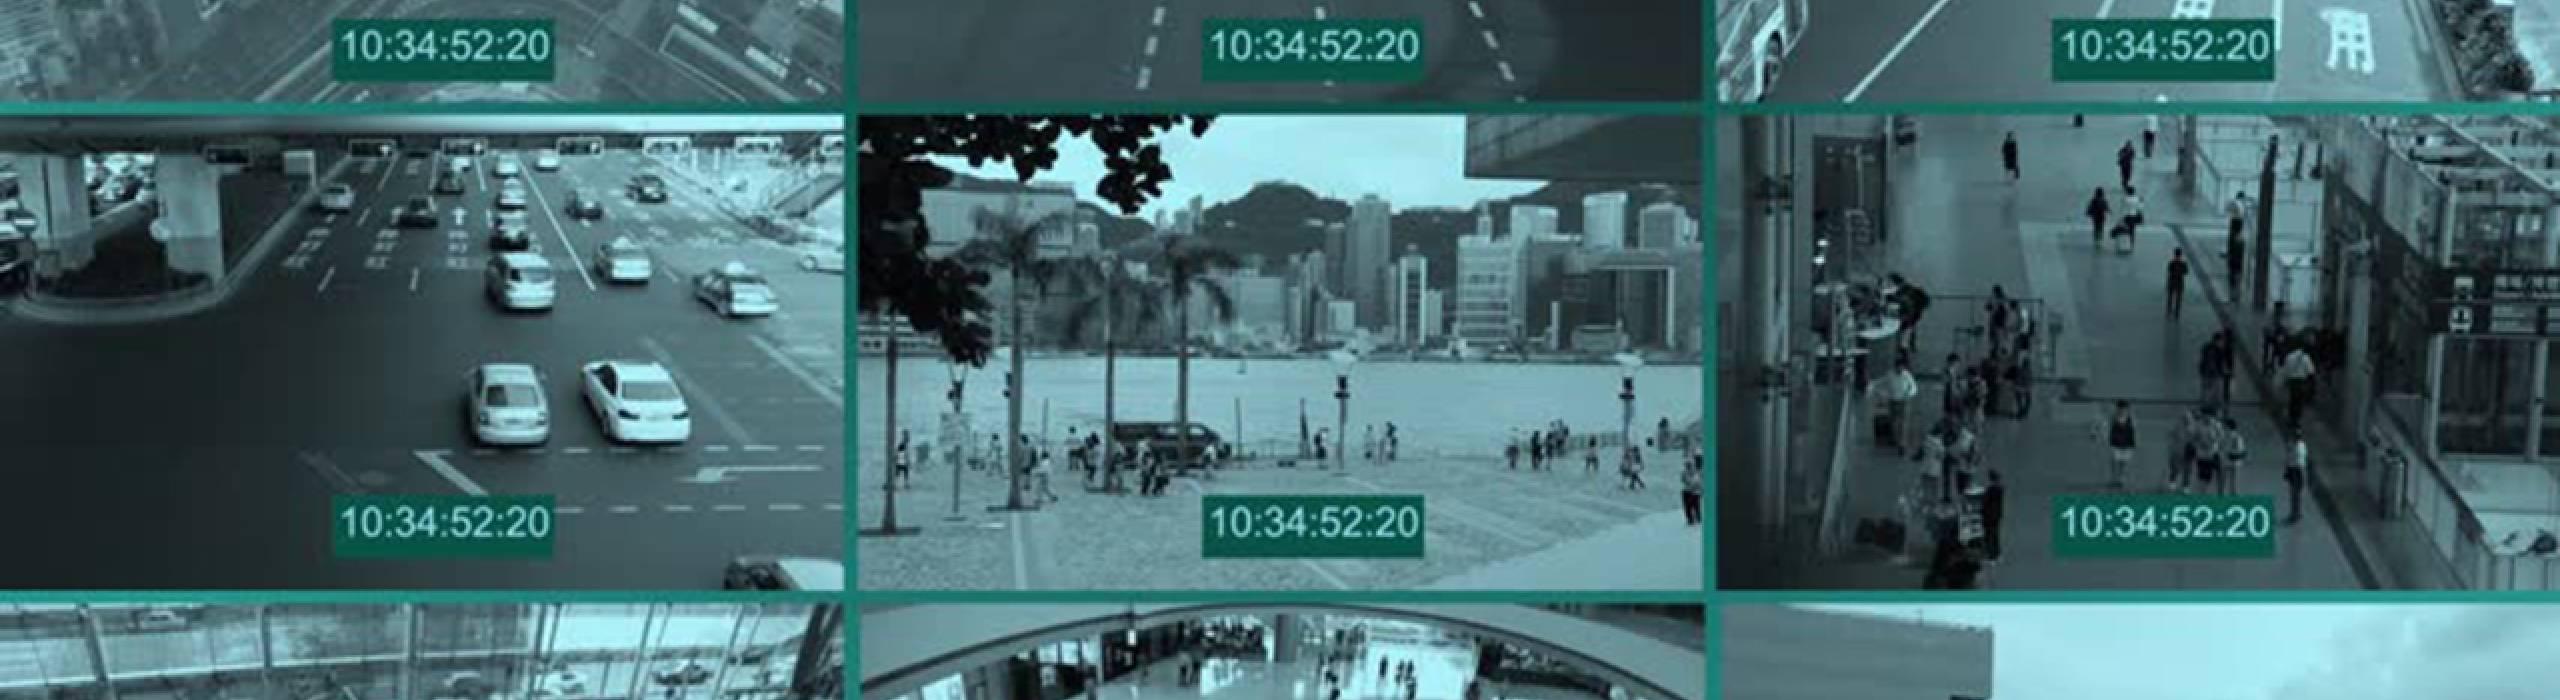 Surveillance Footage Banner